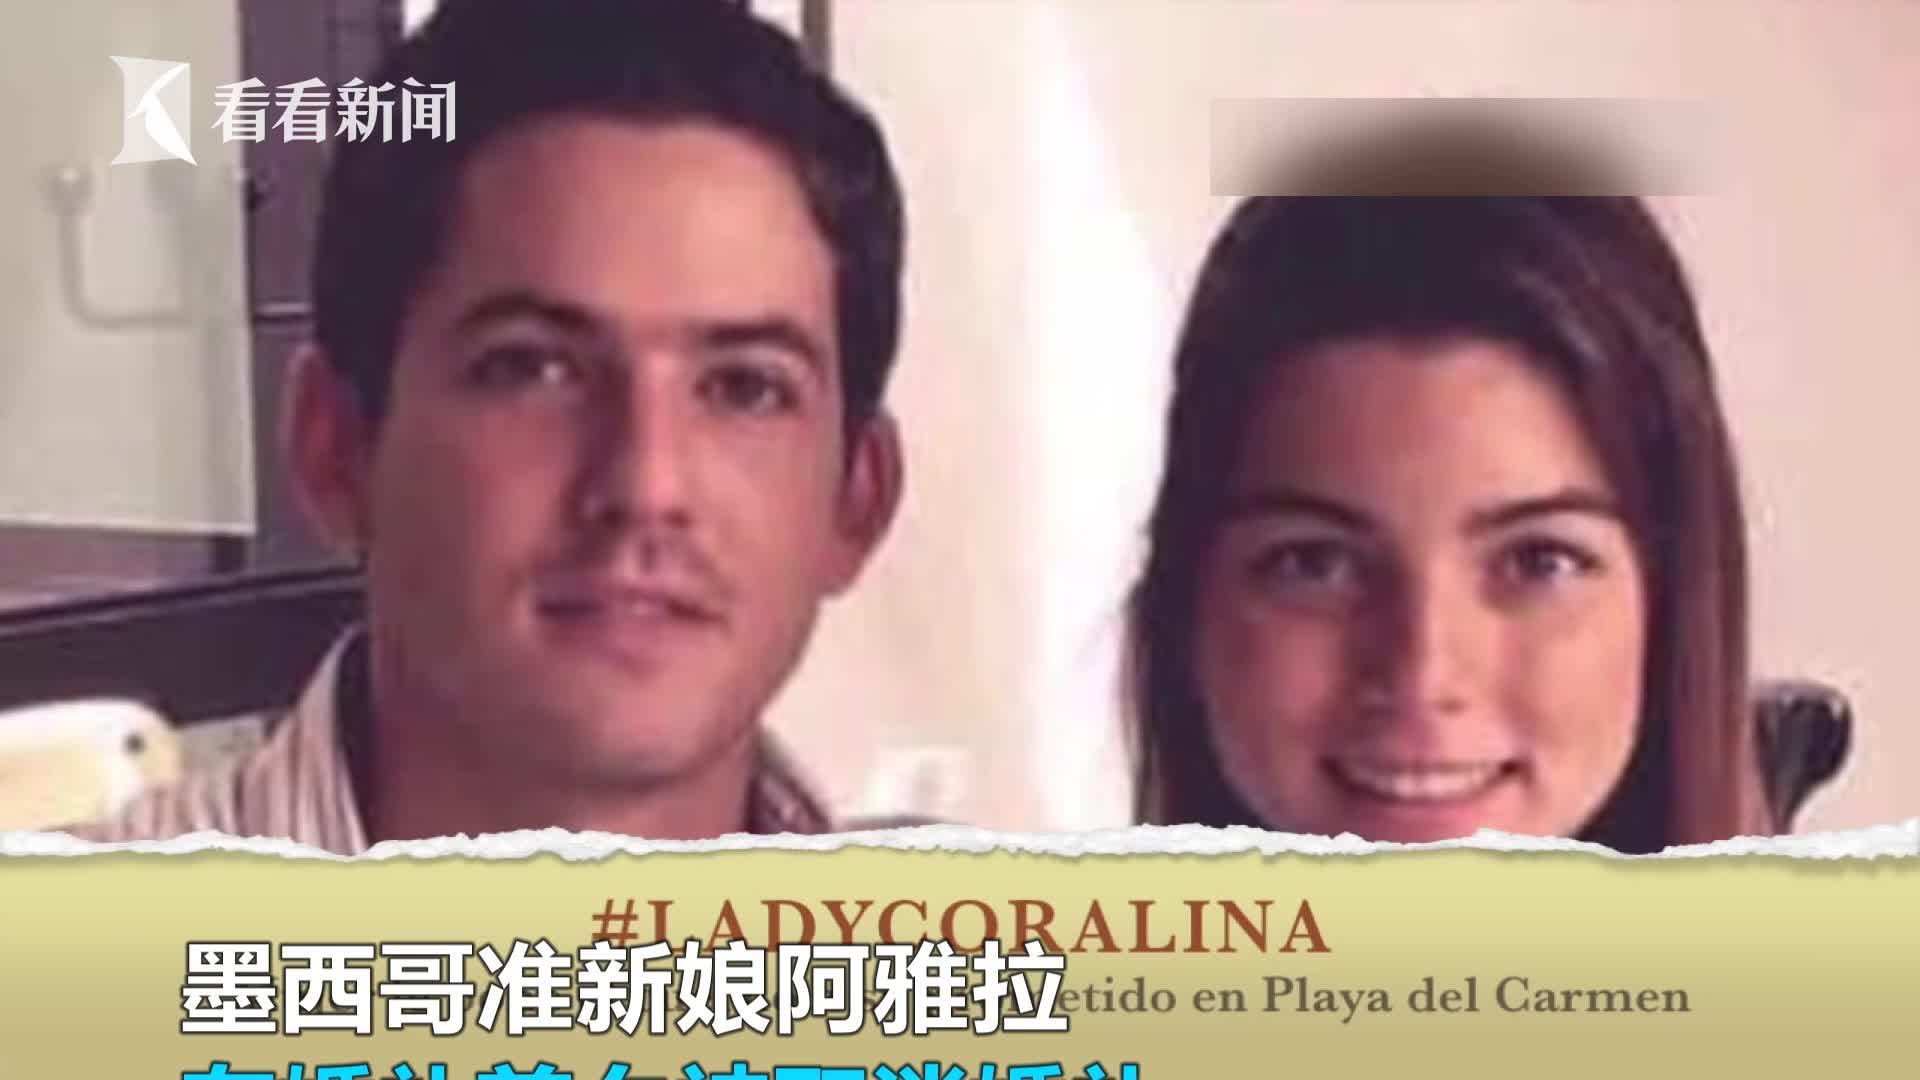 视频丨墨西哥:准新娘结婚前一天与男子激吻 未婚夫气急取消婚礼